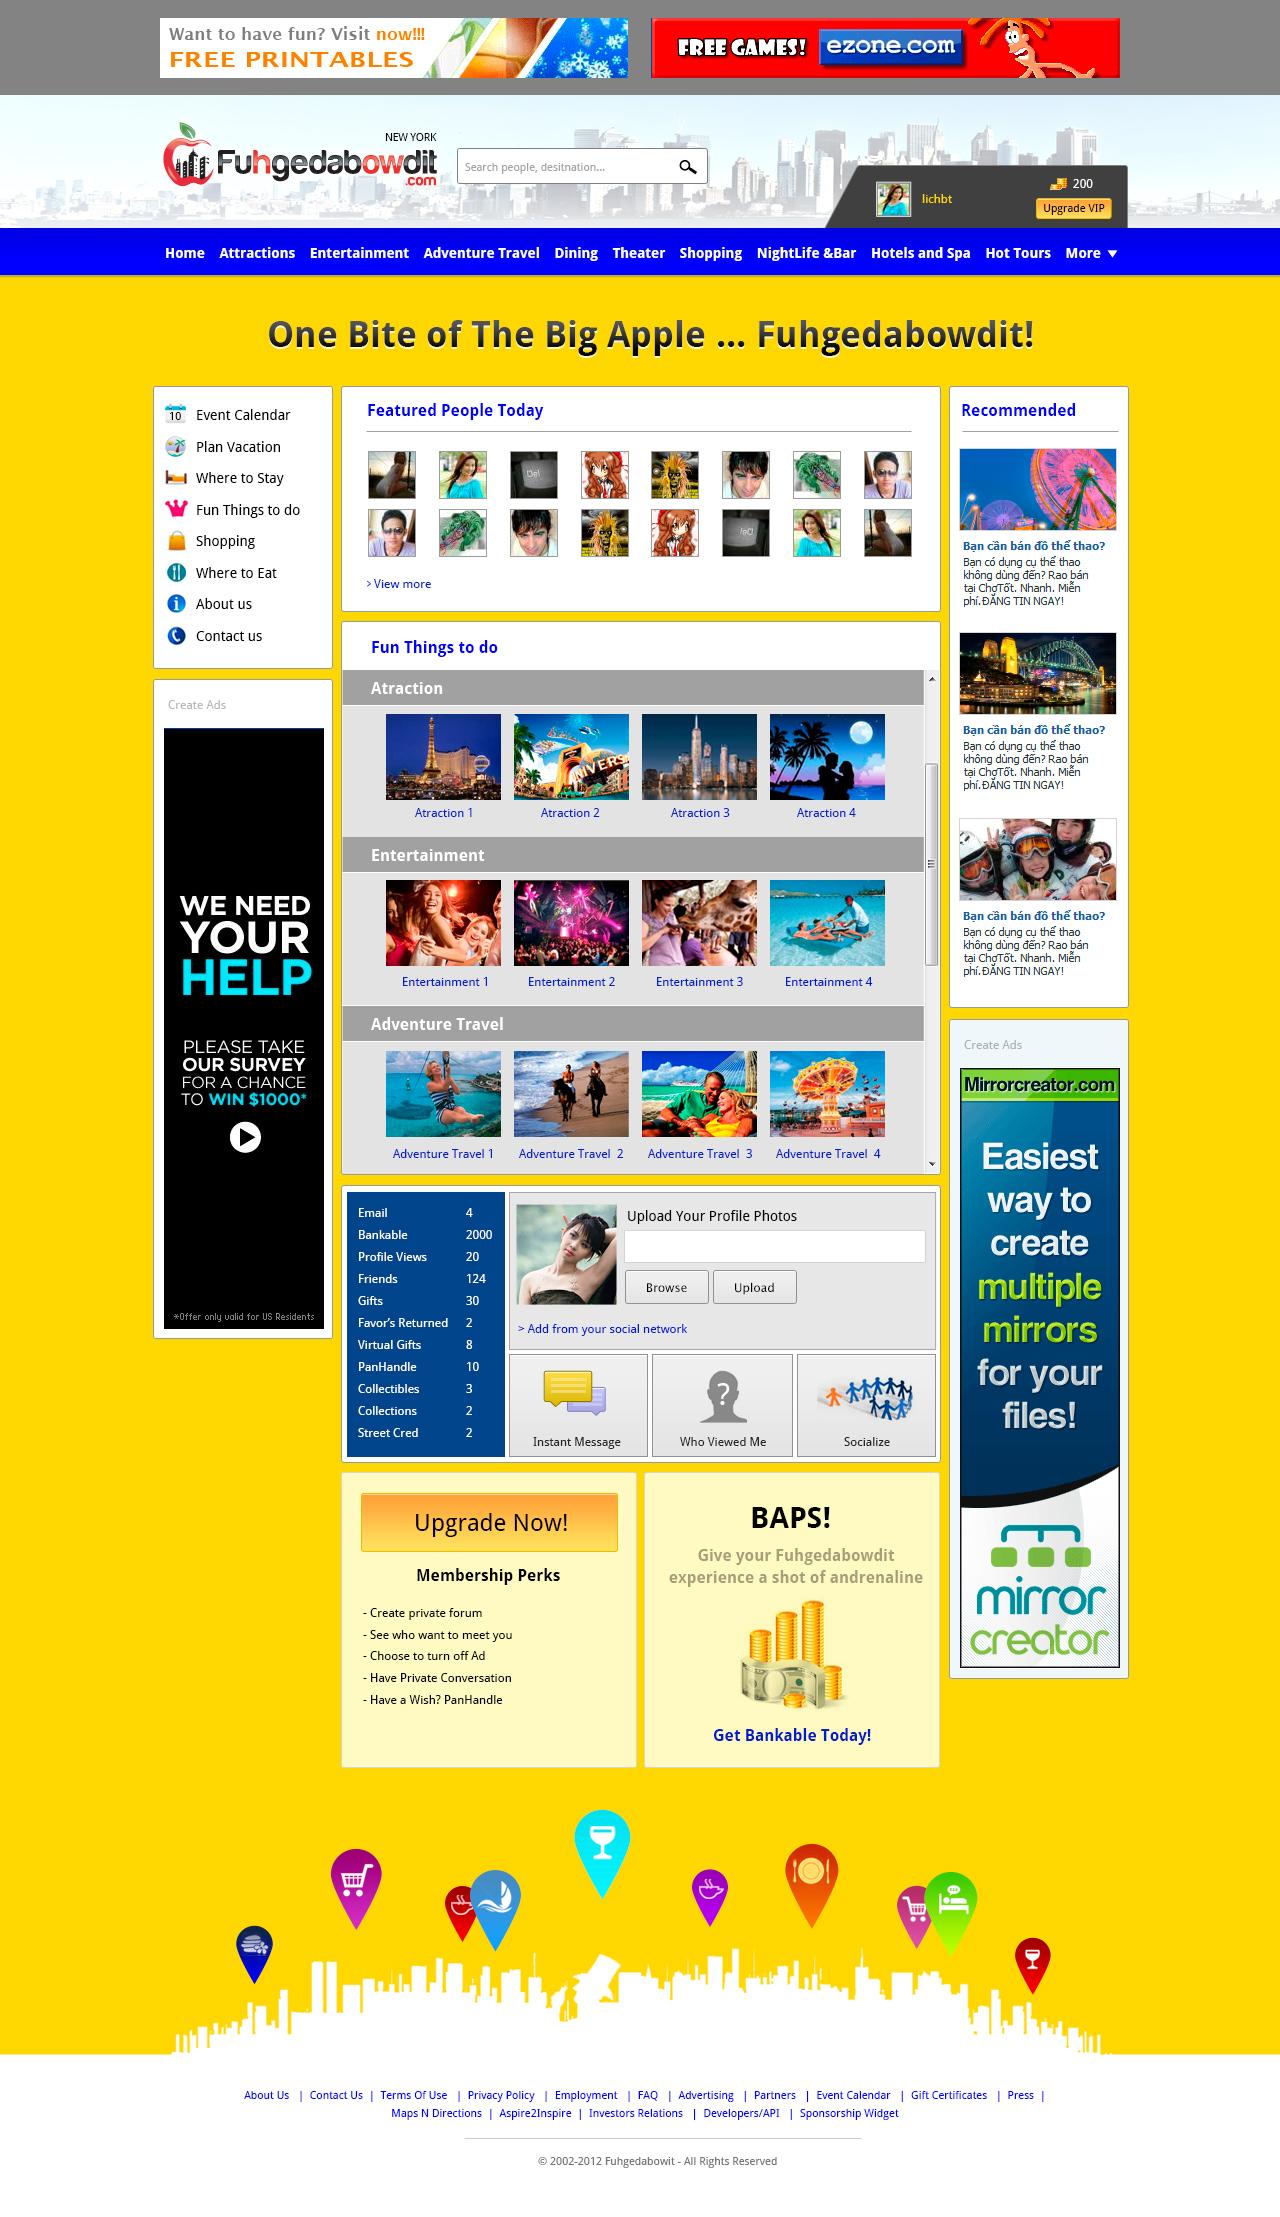 fuhgedabowdit---homepage-1